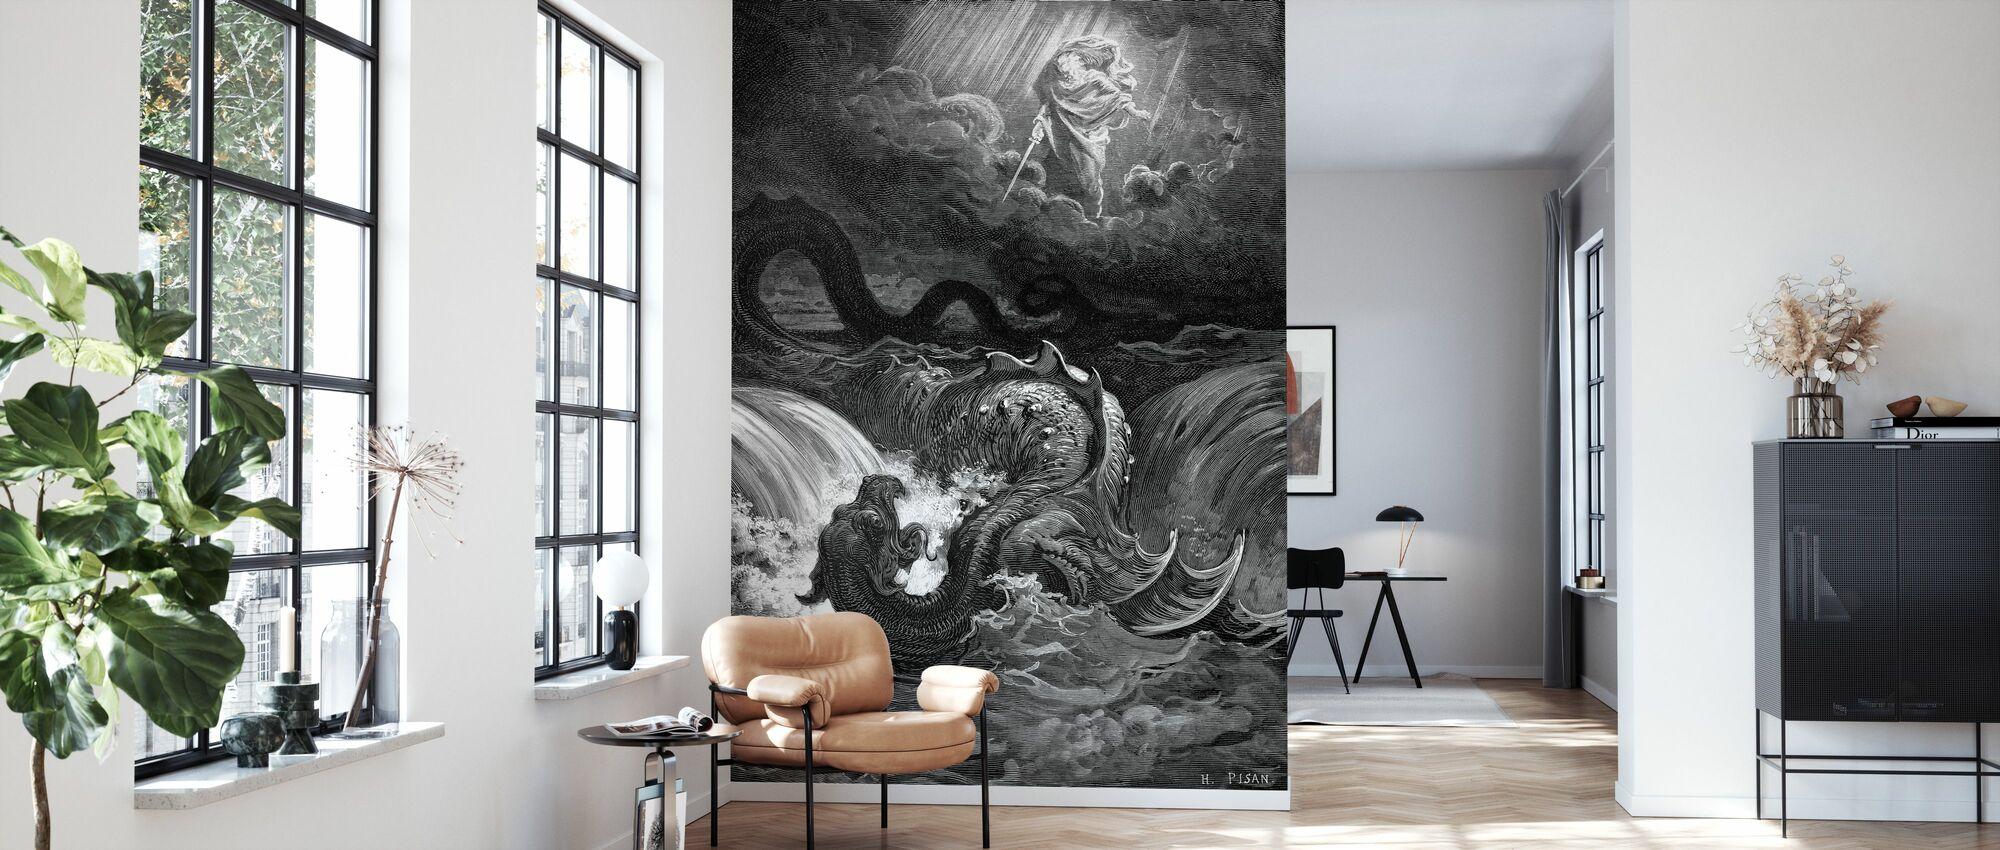 Esaias Syn - Gustave Dore - Tapete - Wohnzimmer